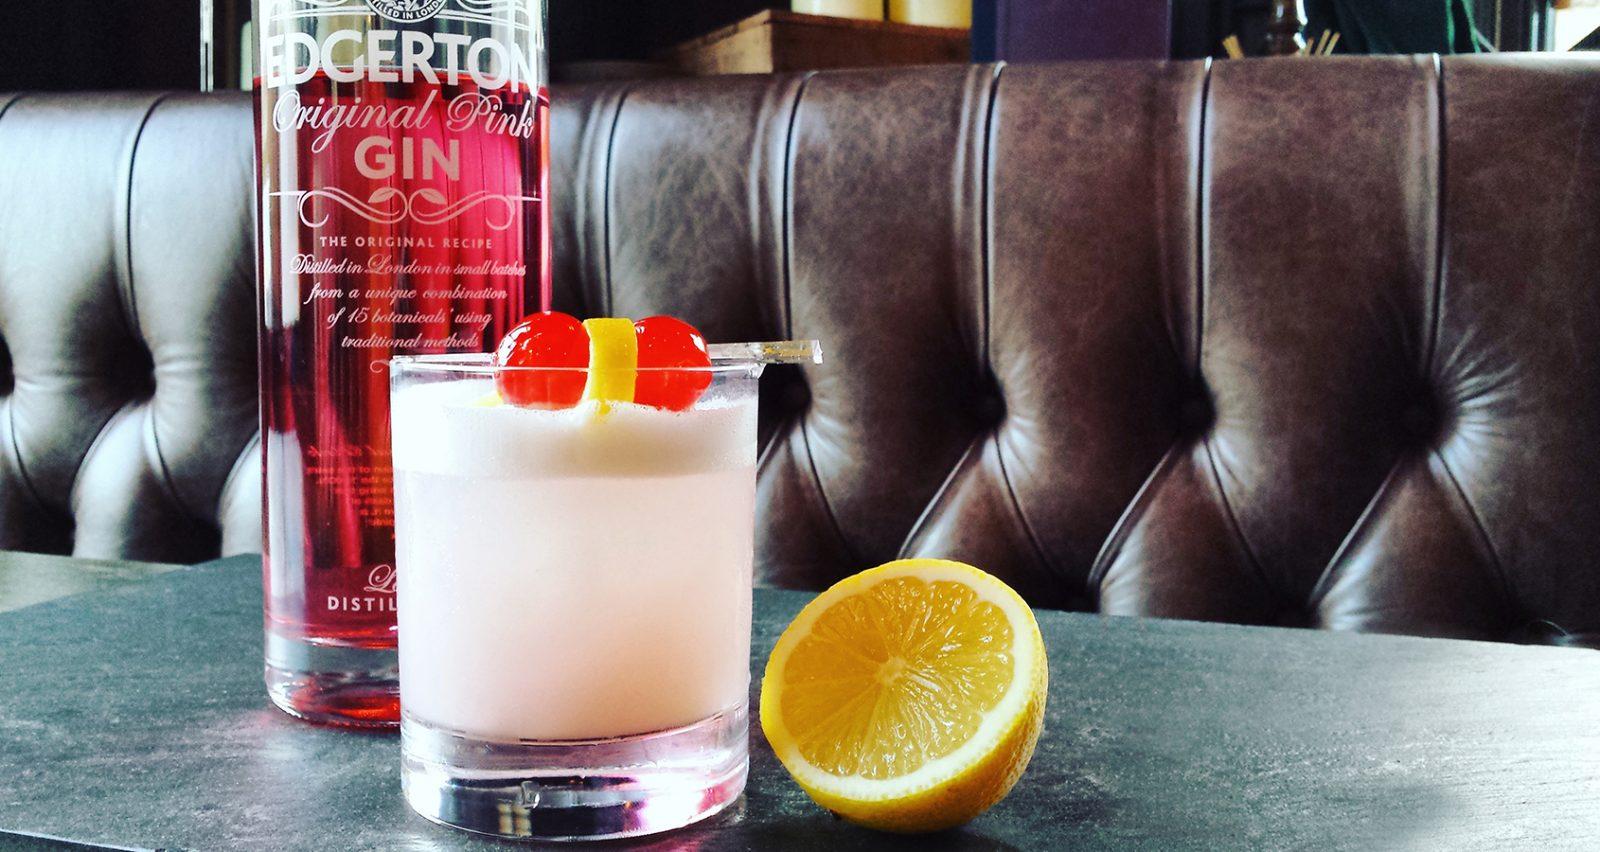 Edgerton Gin Sour